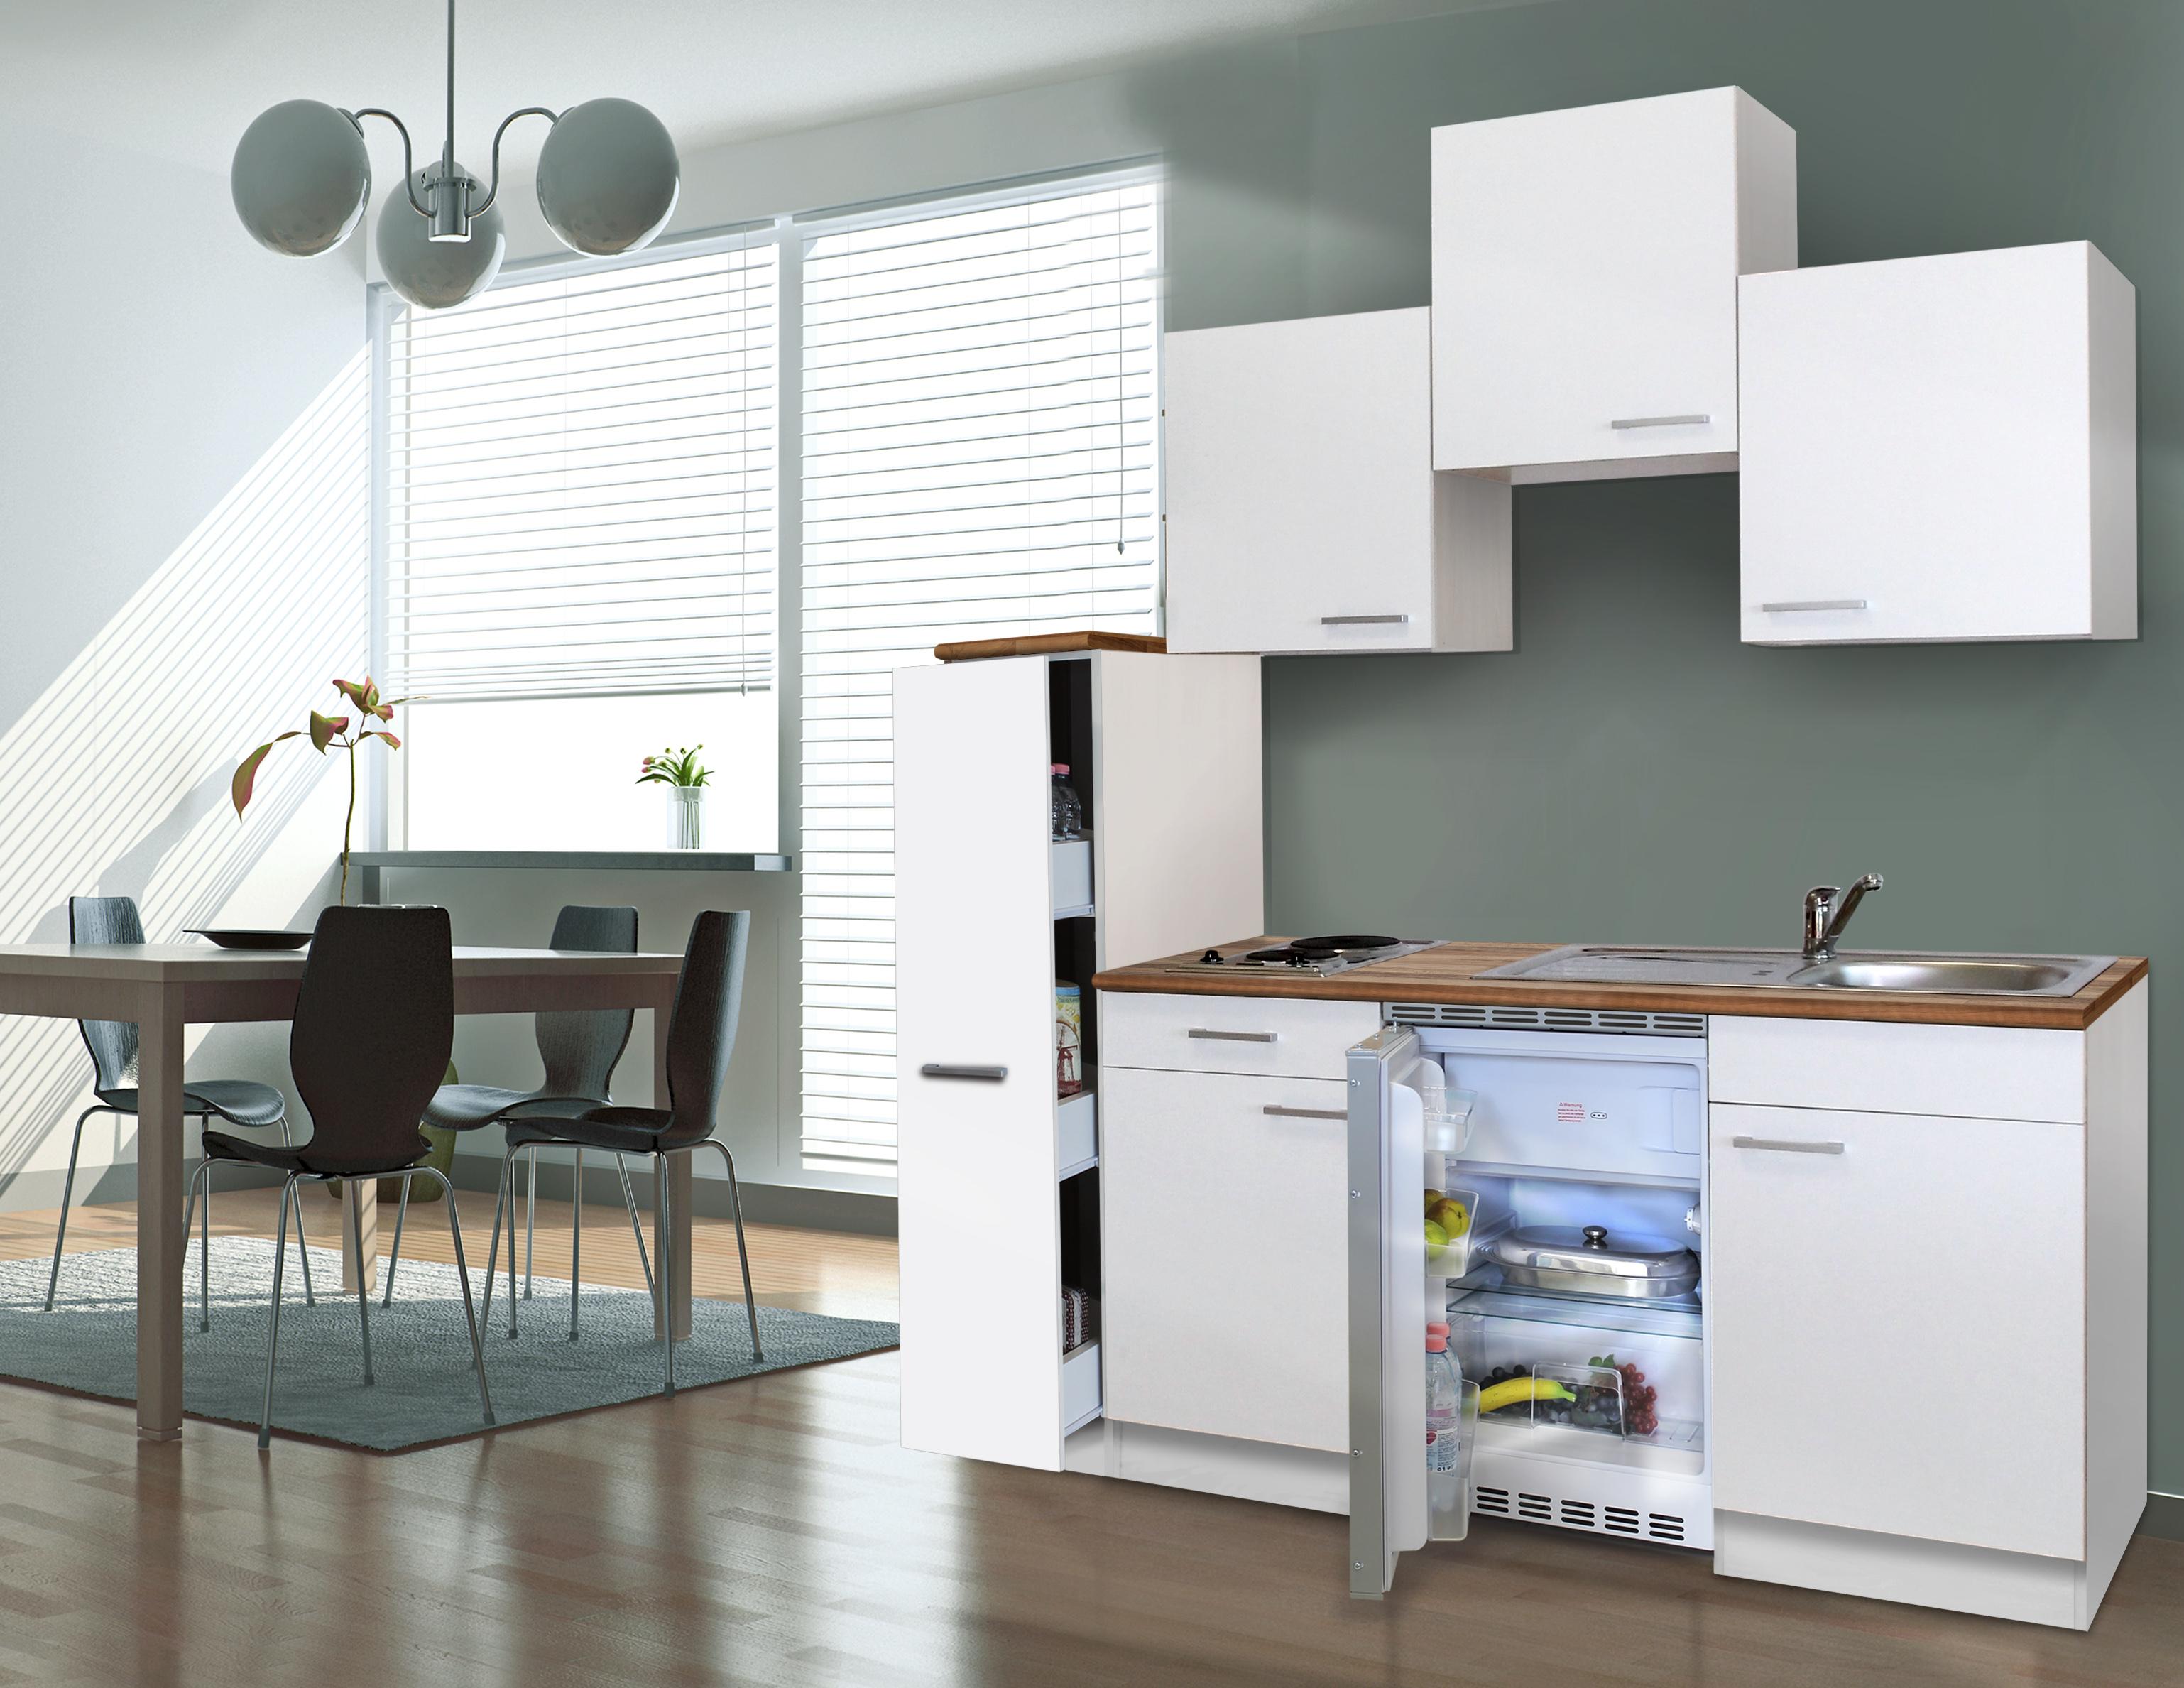 respekta Küche Singleküche Küchenzeile Einbau Küchenblock Miniküche 180 cm weiß